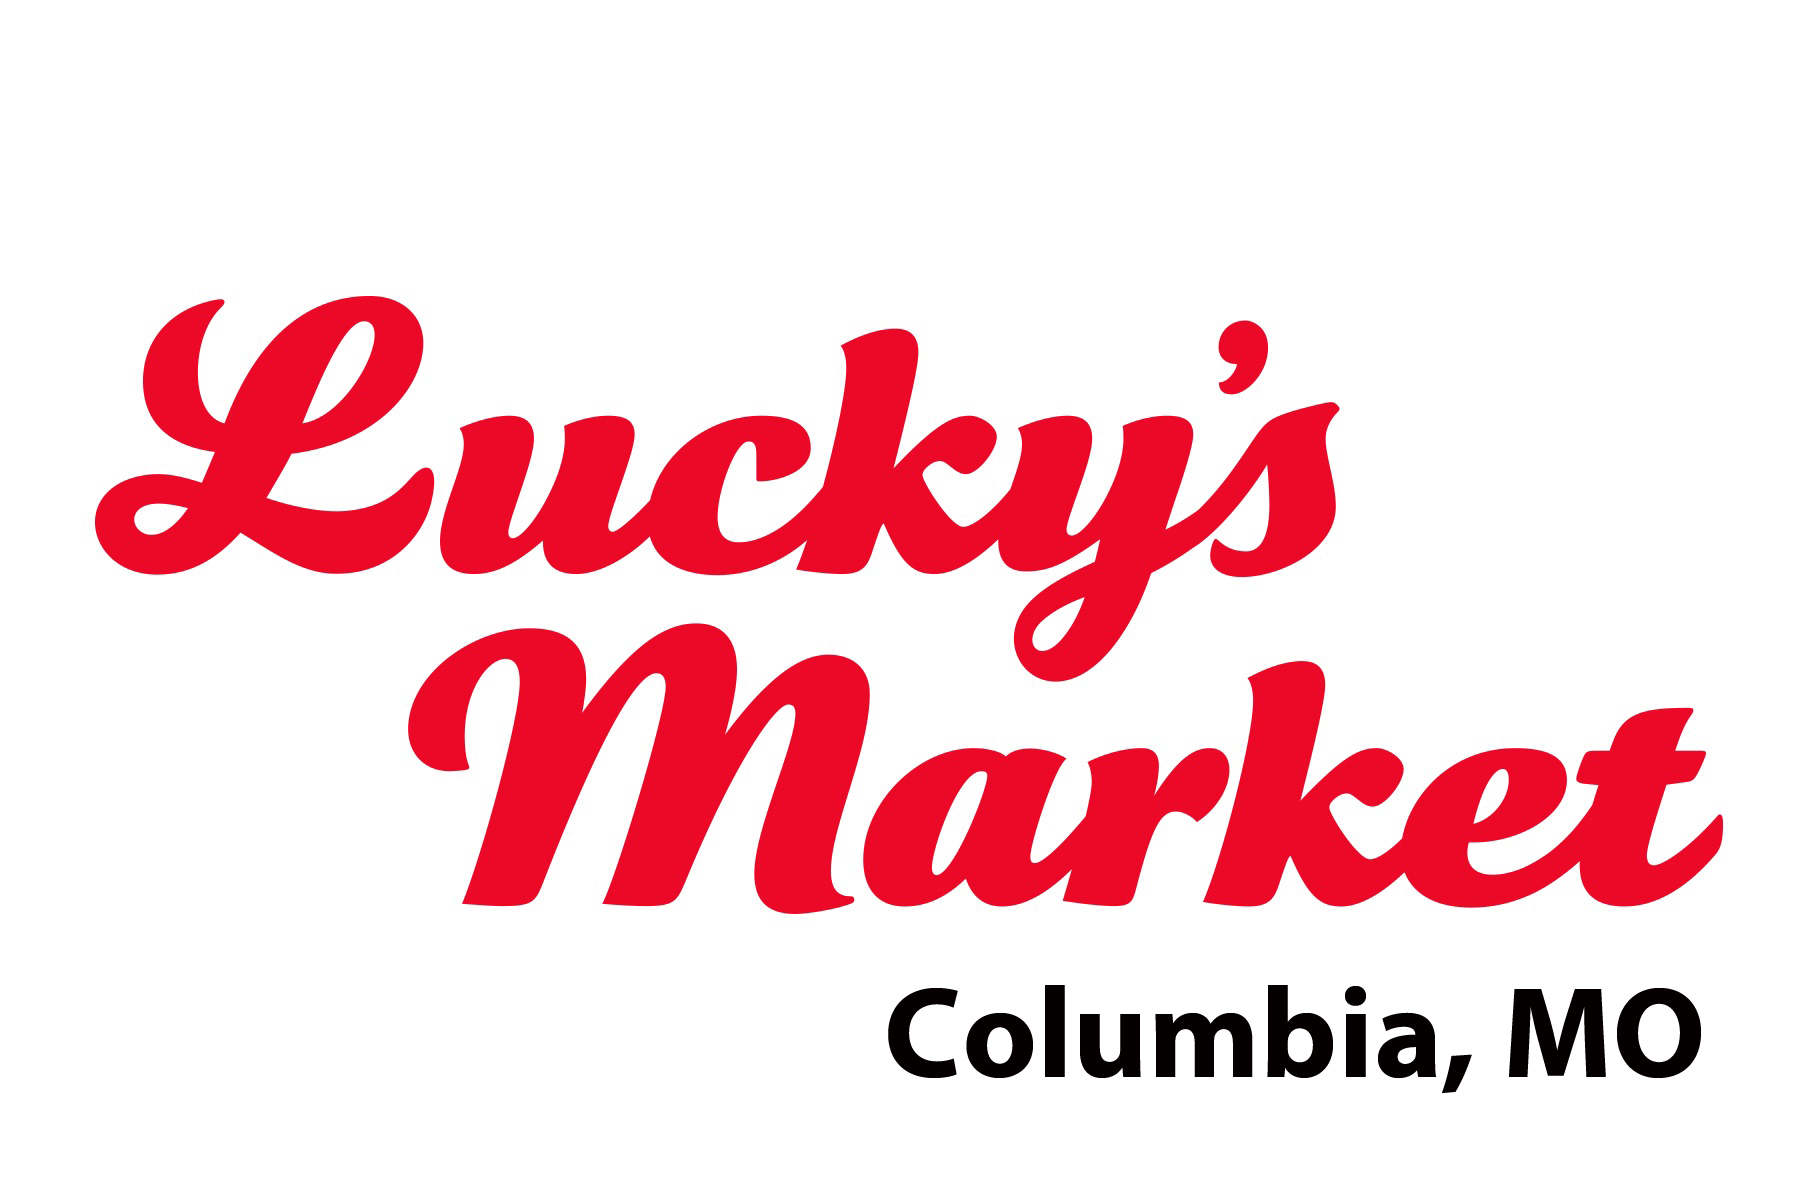 Columbia, MO - Lucky's Market